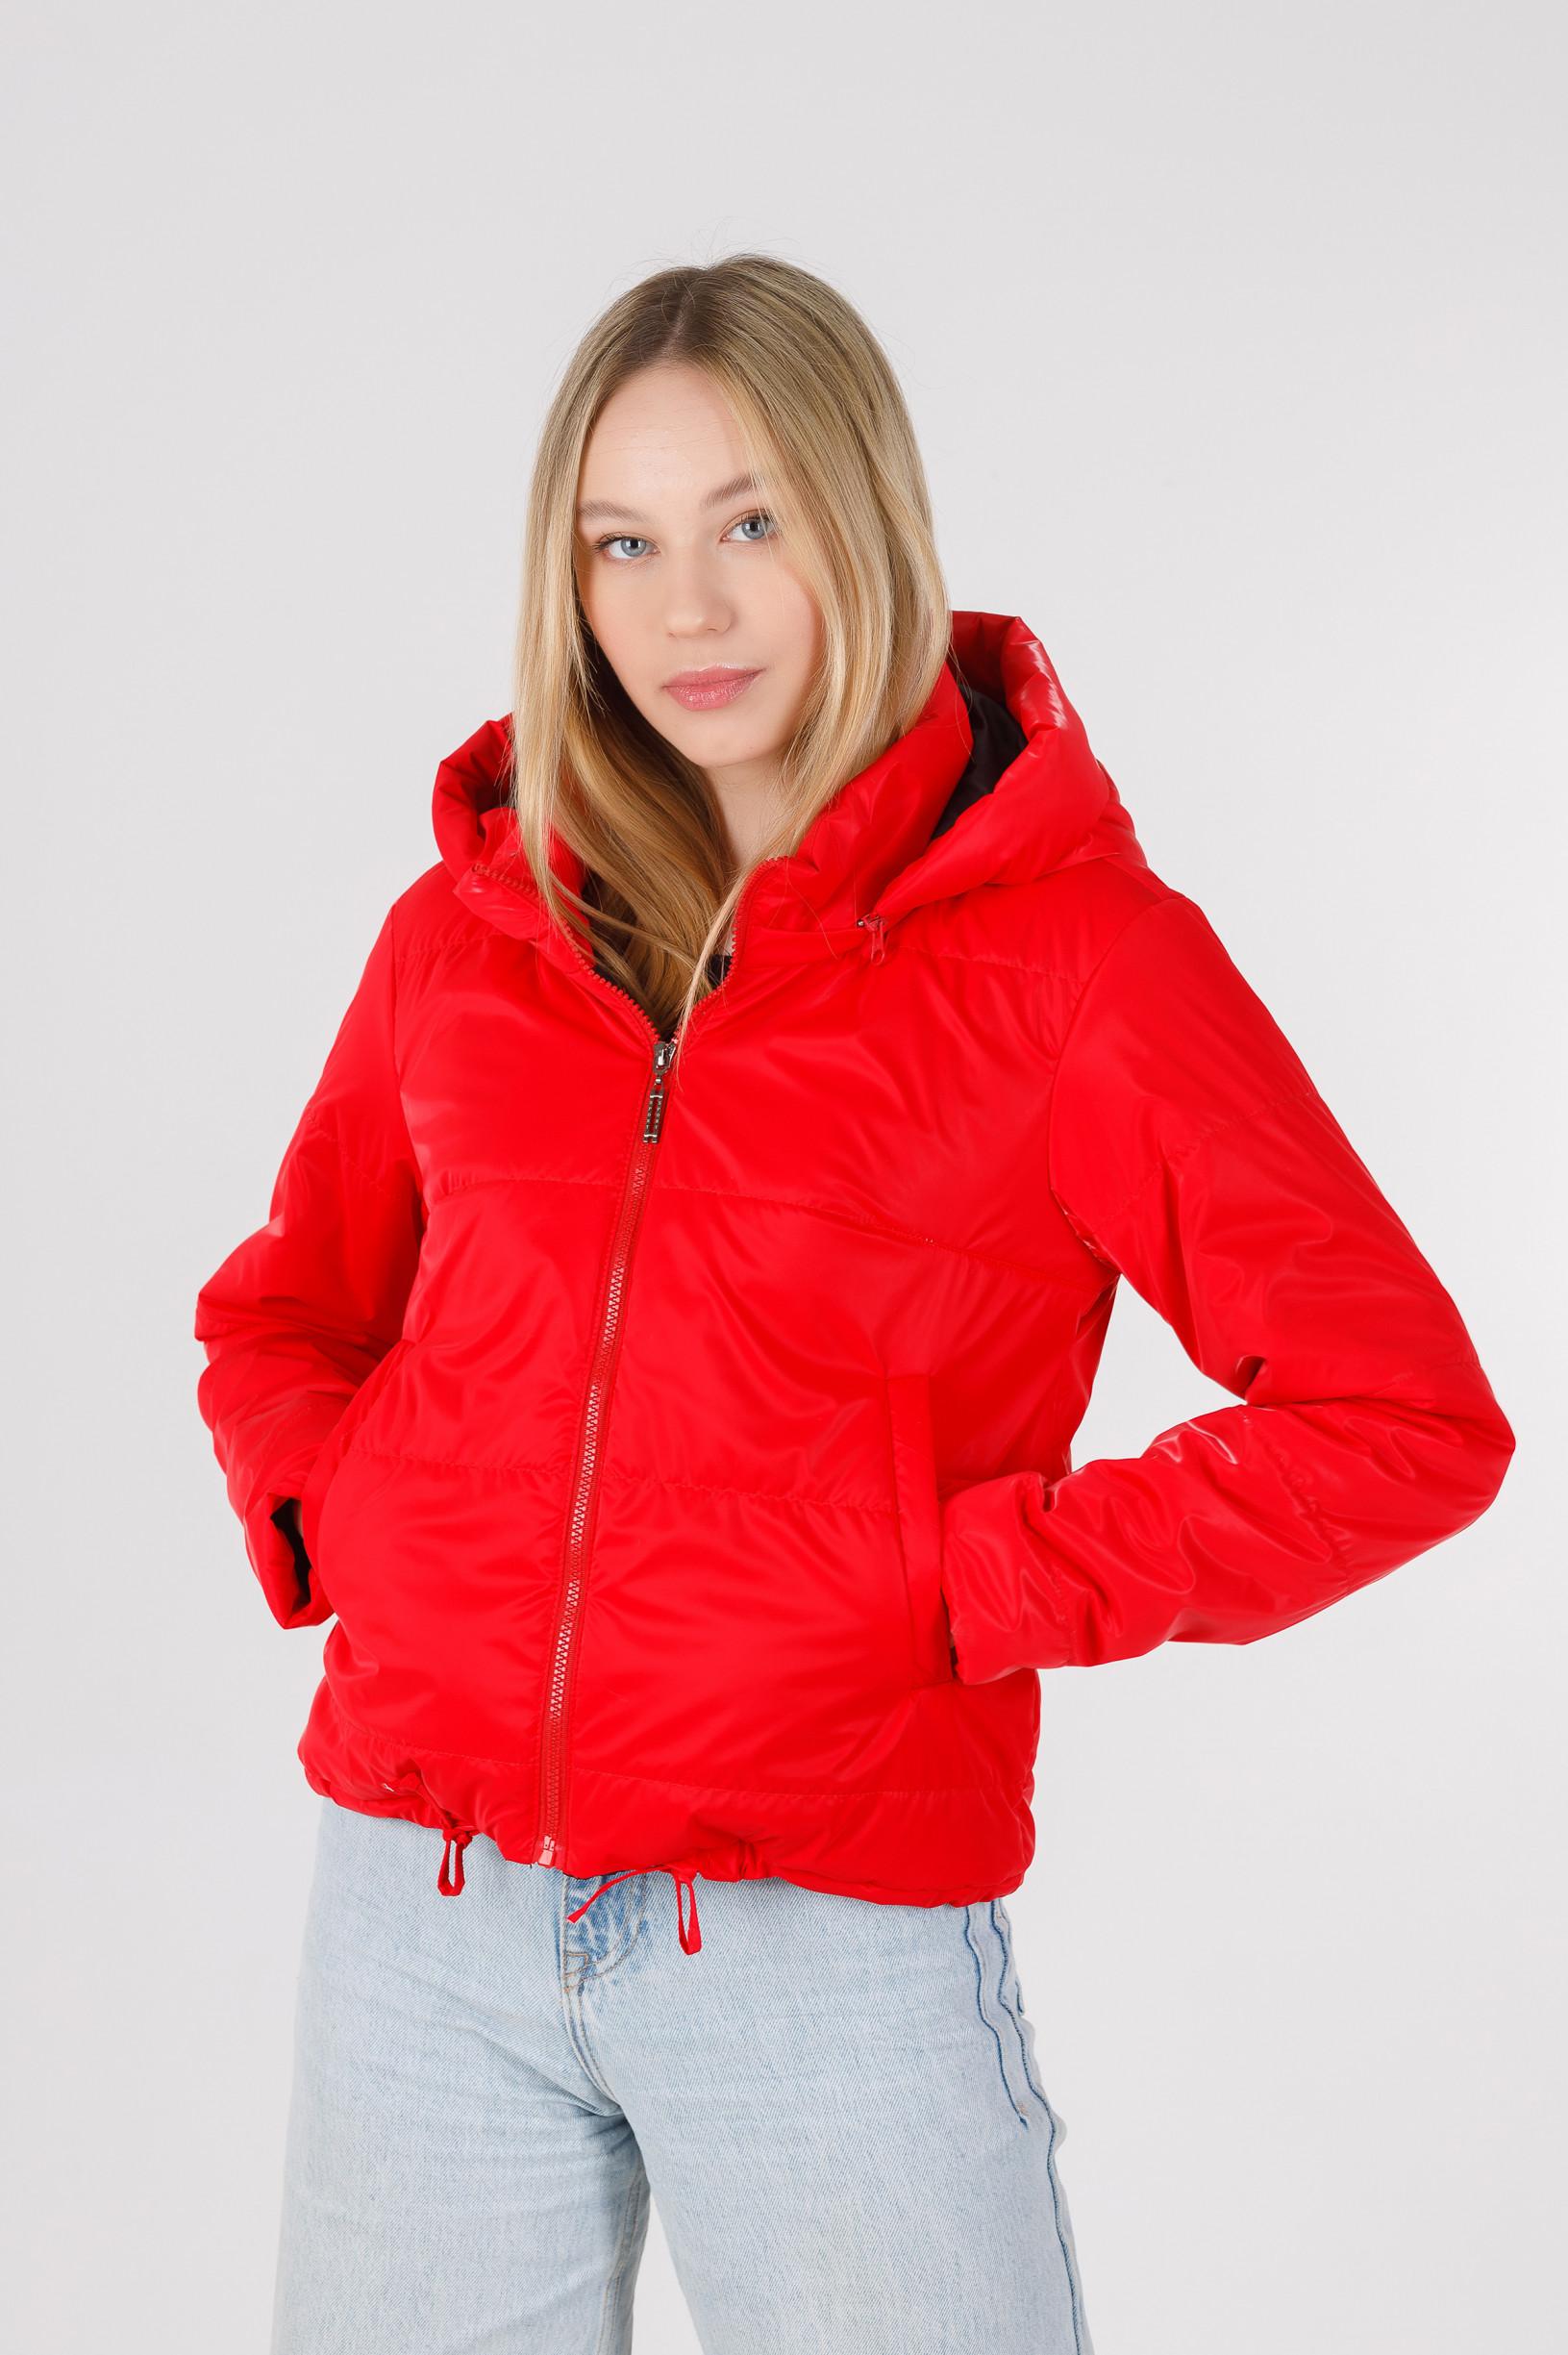 Весенняя полуспортивная красная укороченная куртка из велюровой ткани Триша